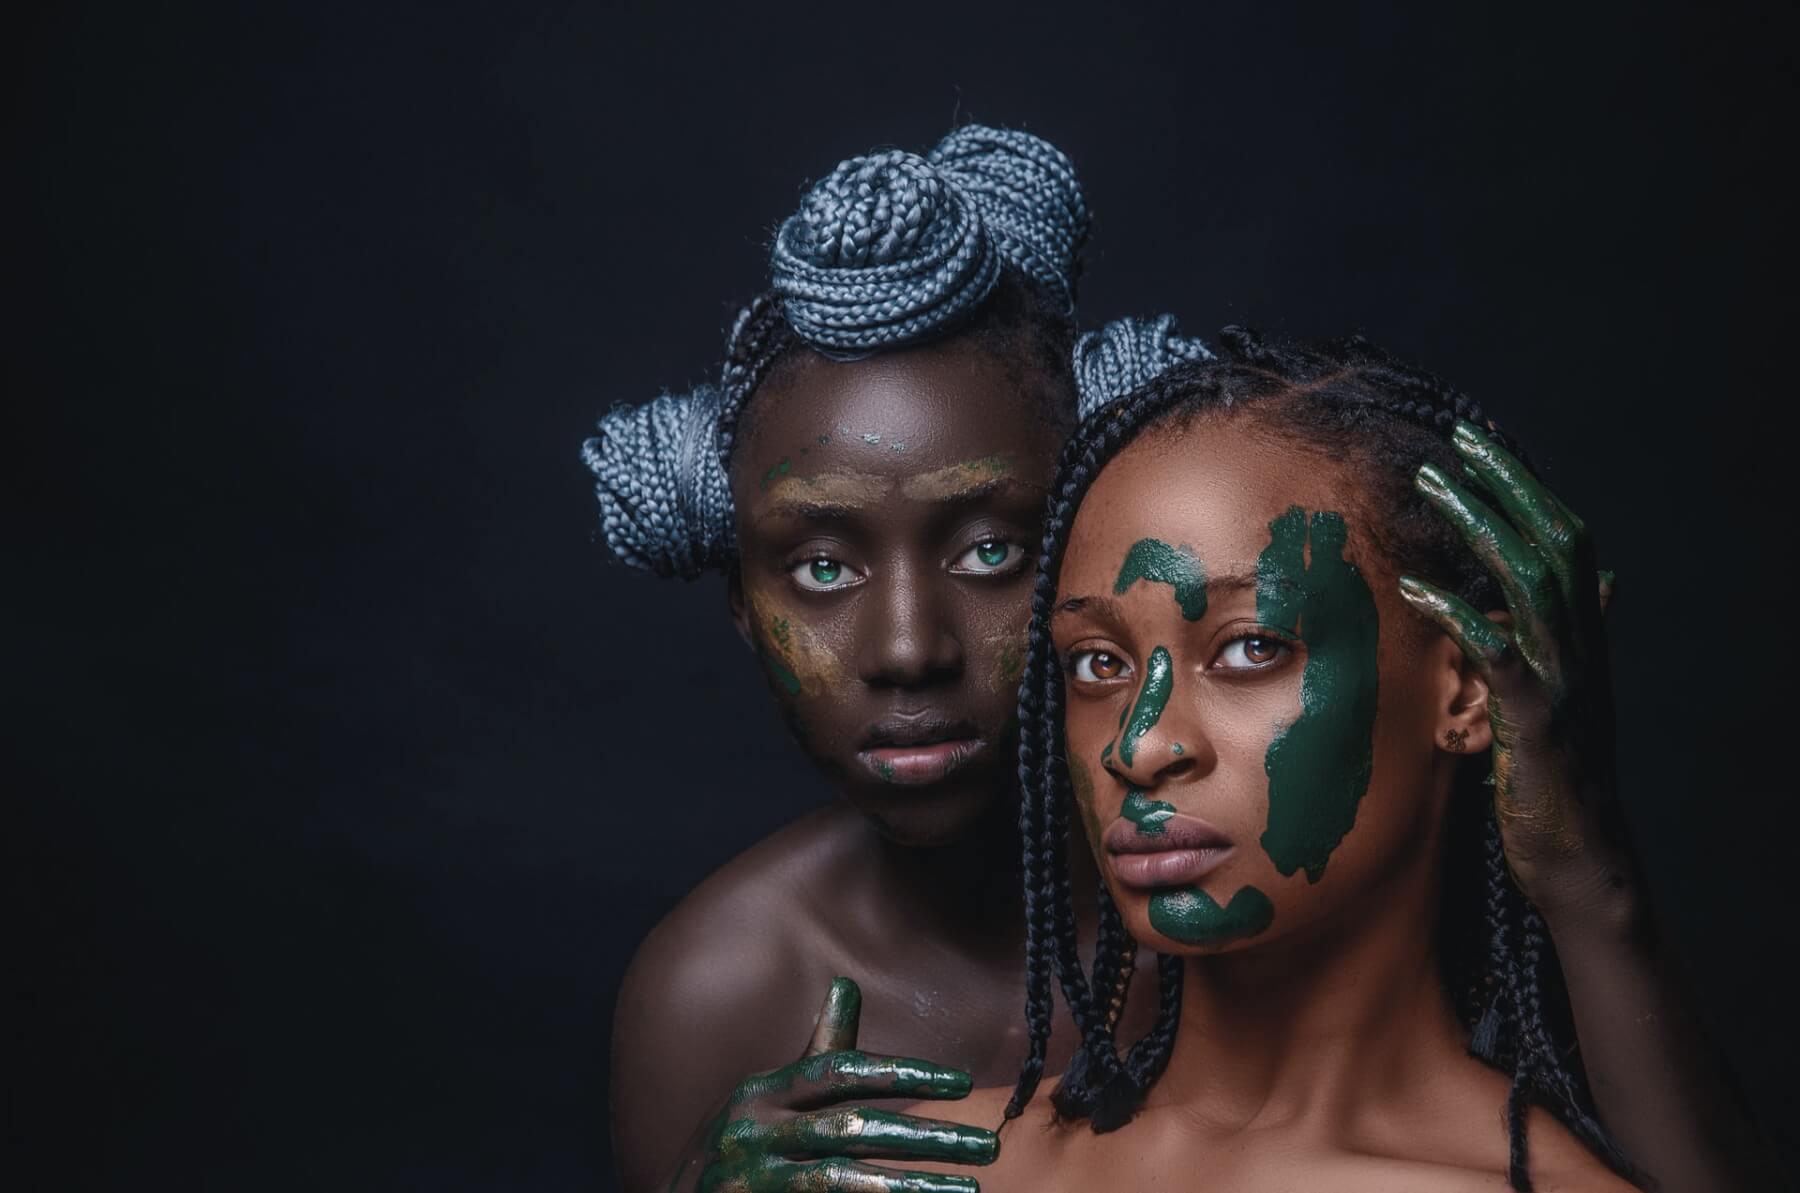 Renaissance Sri Lanka embraces Diversity and respects Differences © Divine Effiong Unsplash